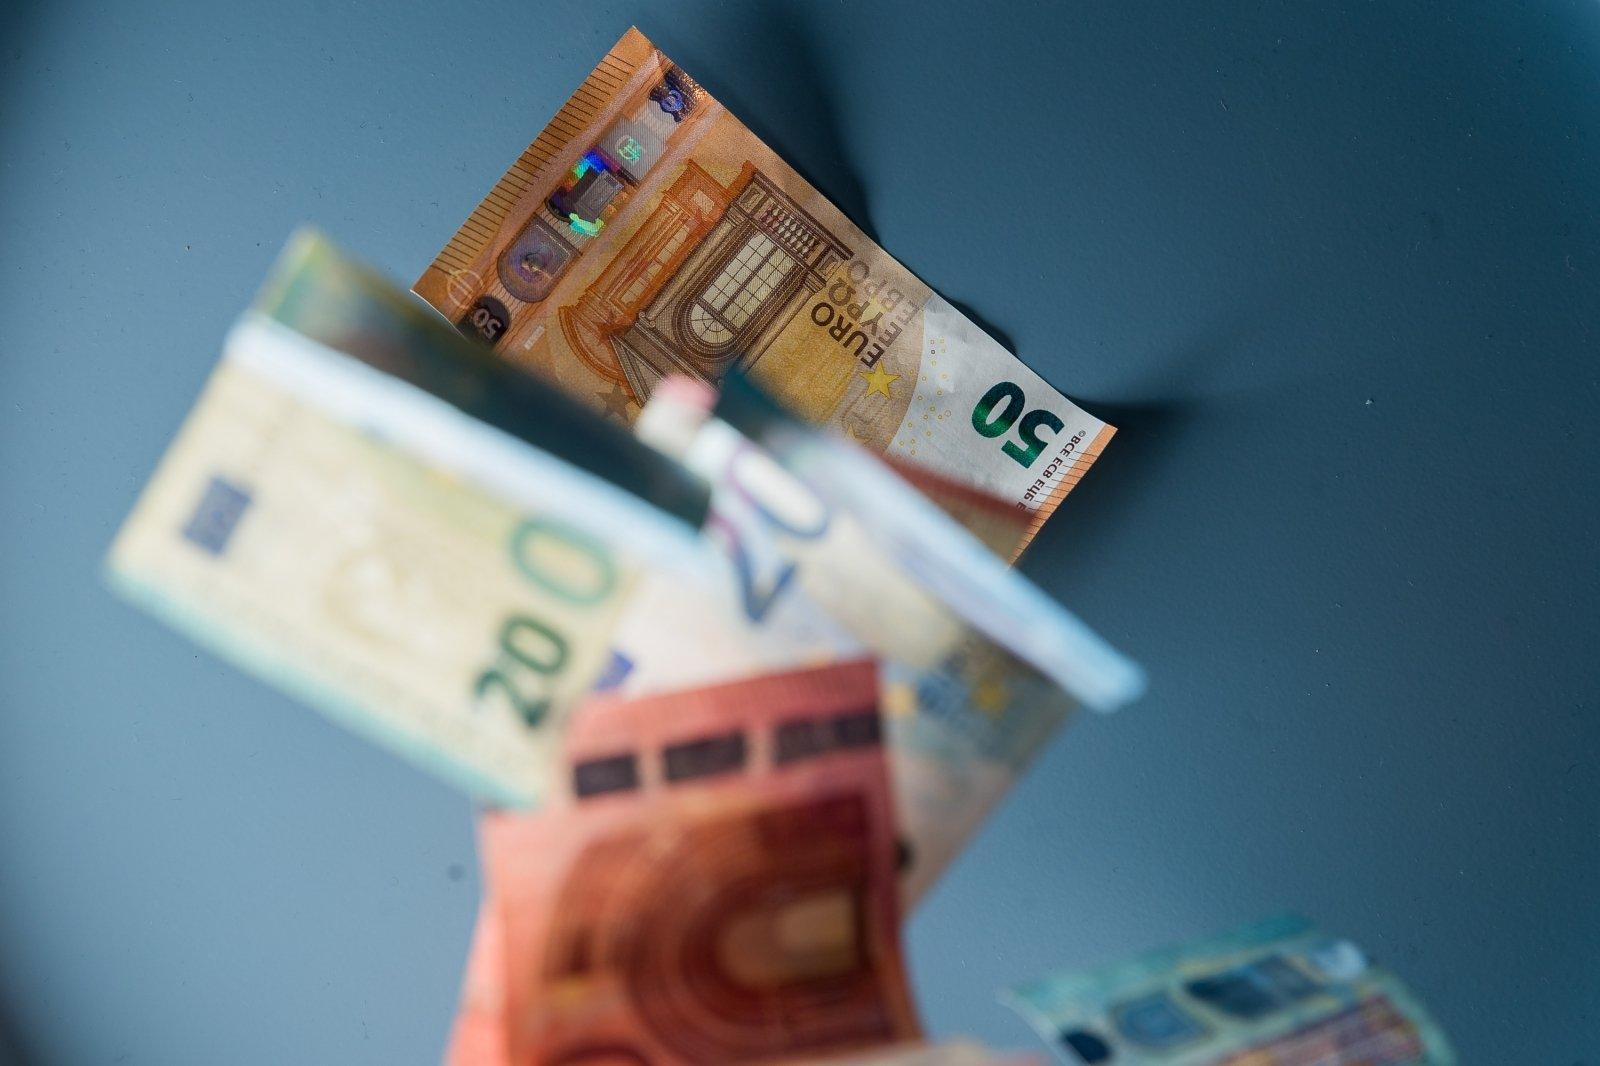 kaip užsidirbti pinigų bandomajam važiavimui nauja dvejetainių opcionų strategijose